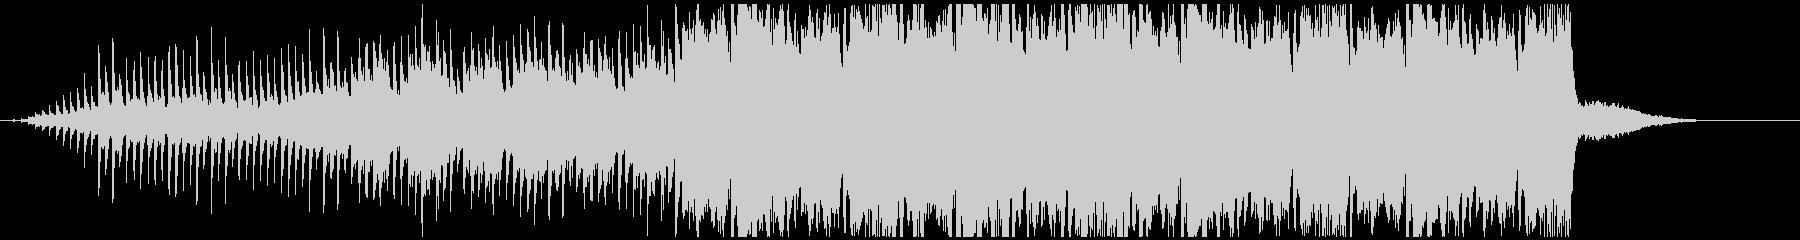 感動的なシーンに合うBGMの未再生の波形